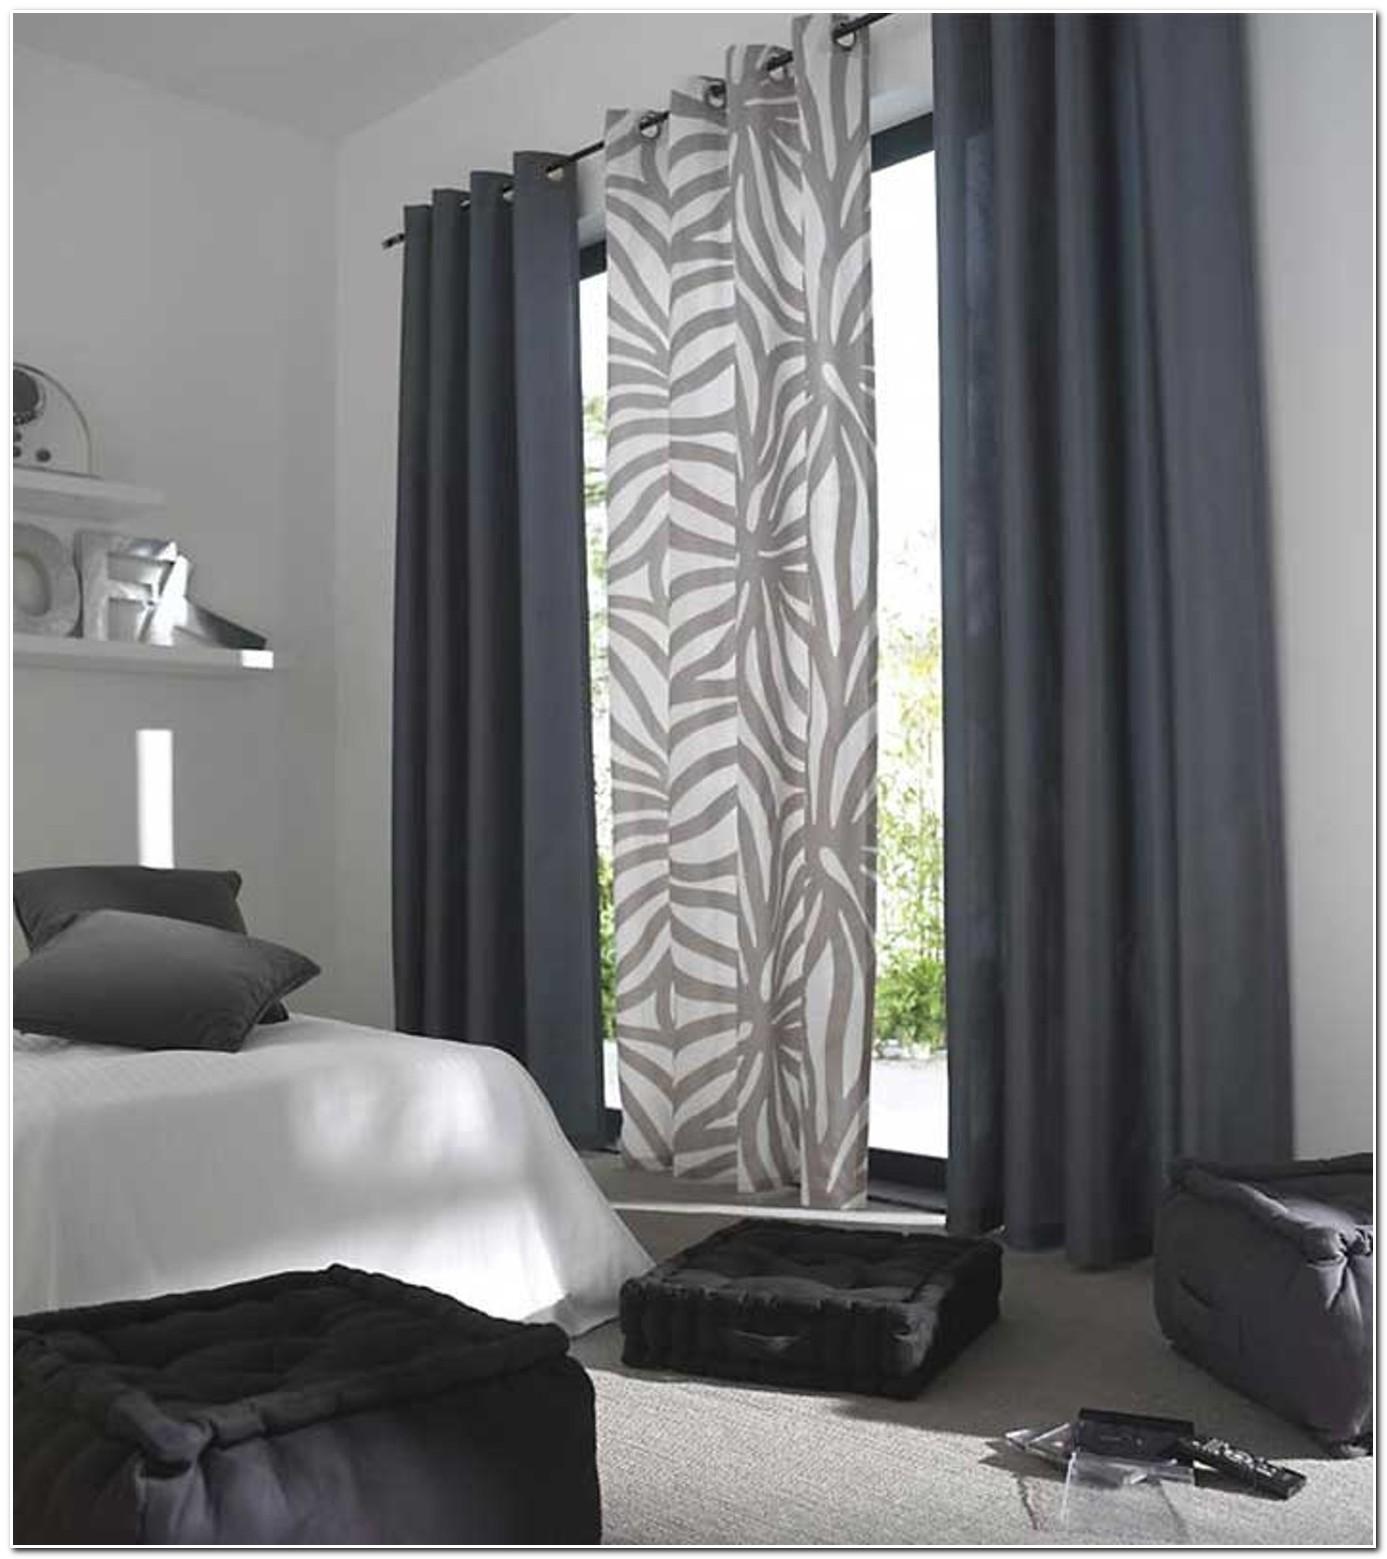 rideaux occultant sur mesure ikea rideau id es de d coration de maison lmb8rxol53. Black Bedroom Furniture Sets. Home Design Ideas